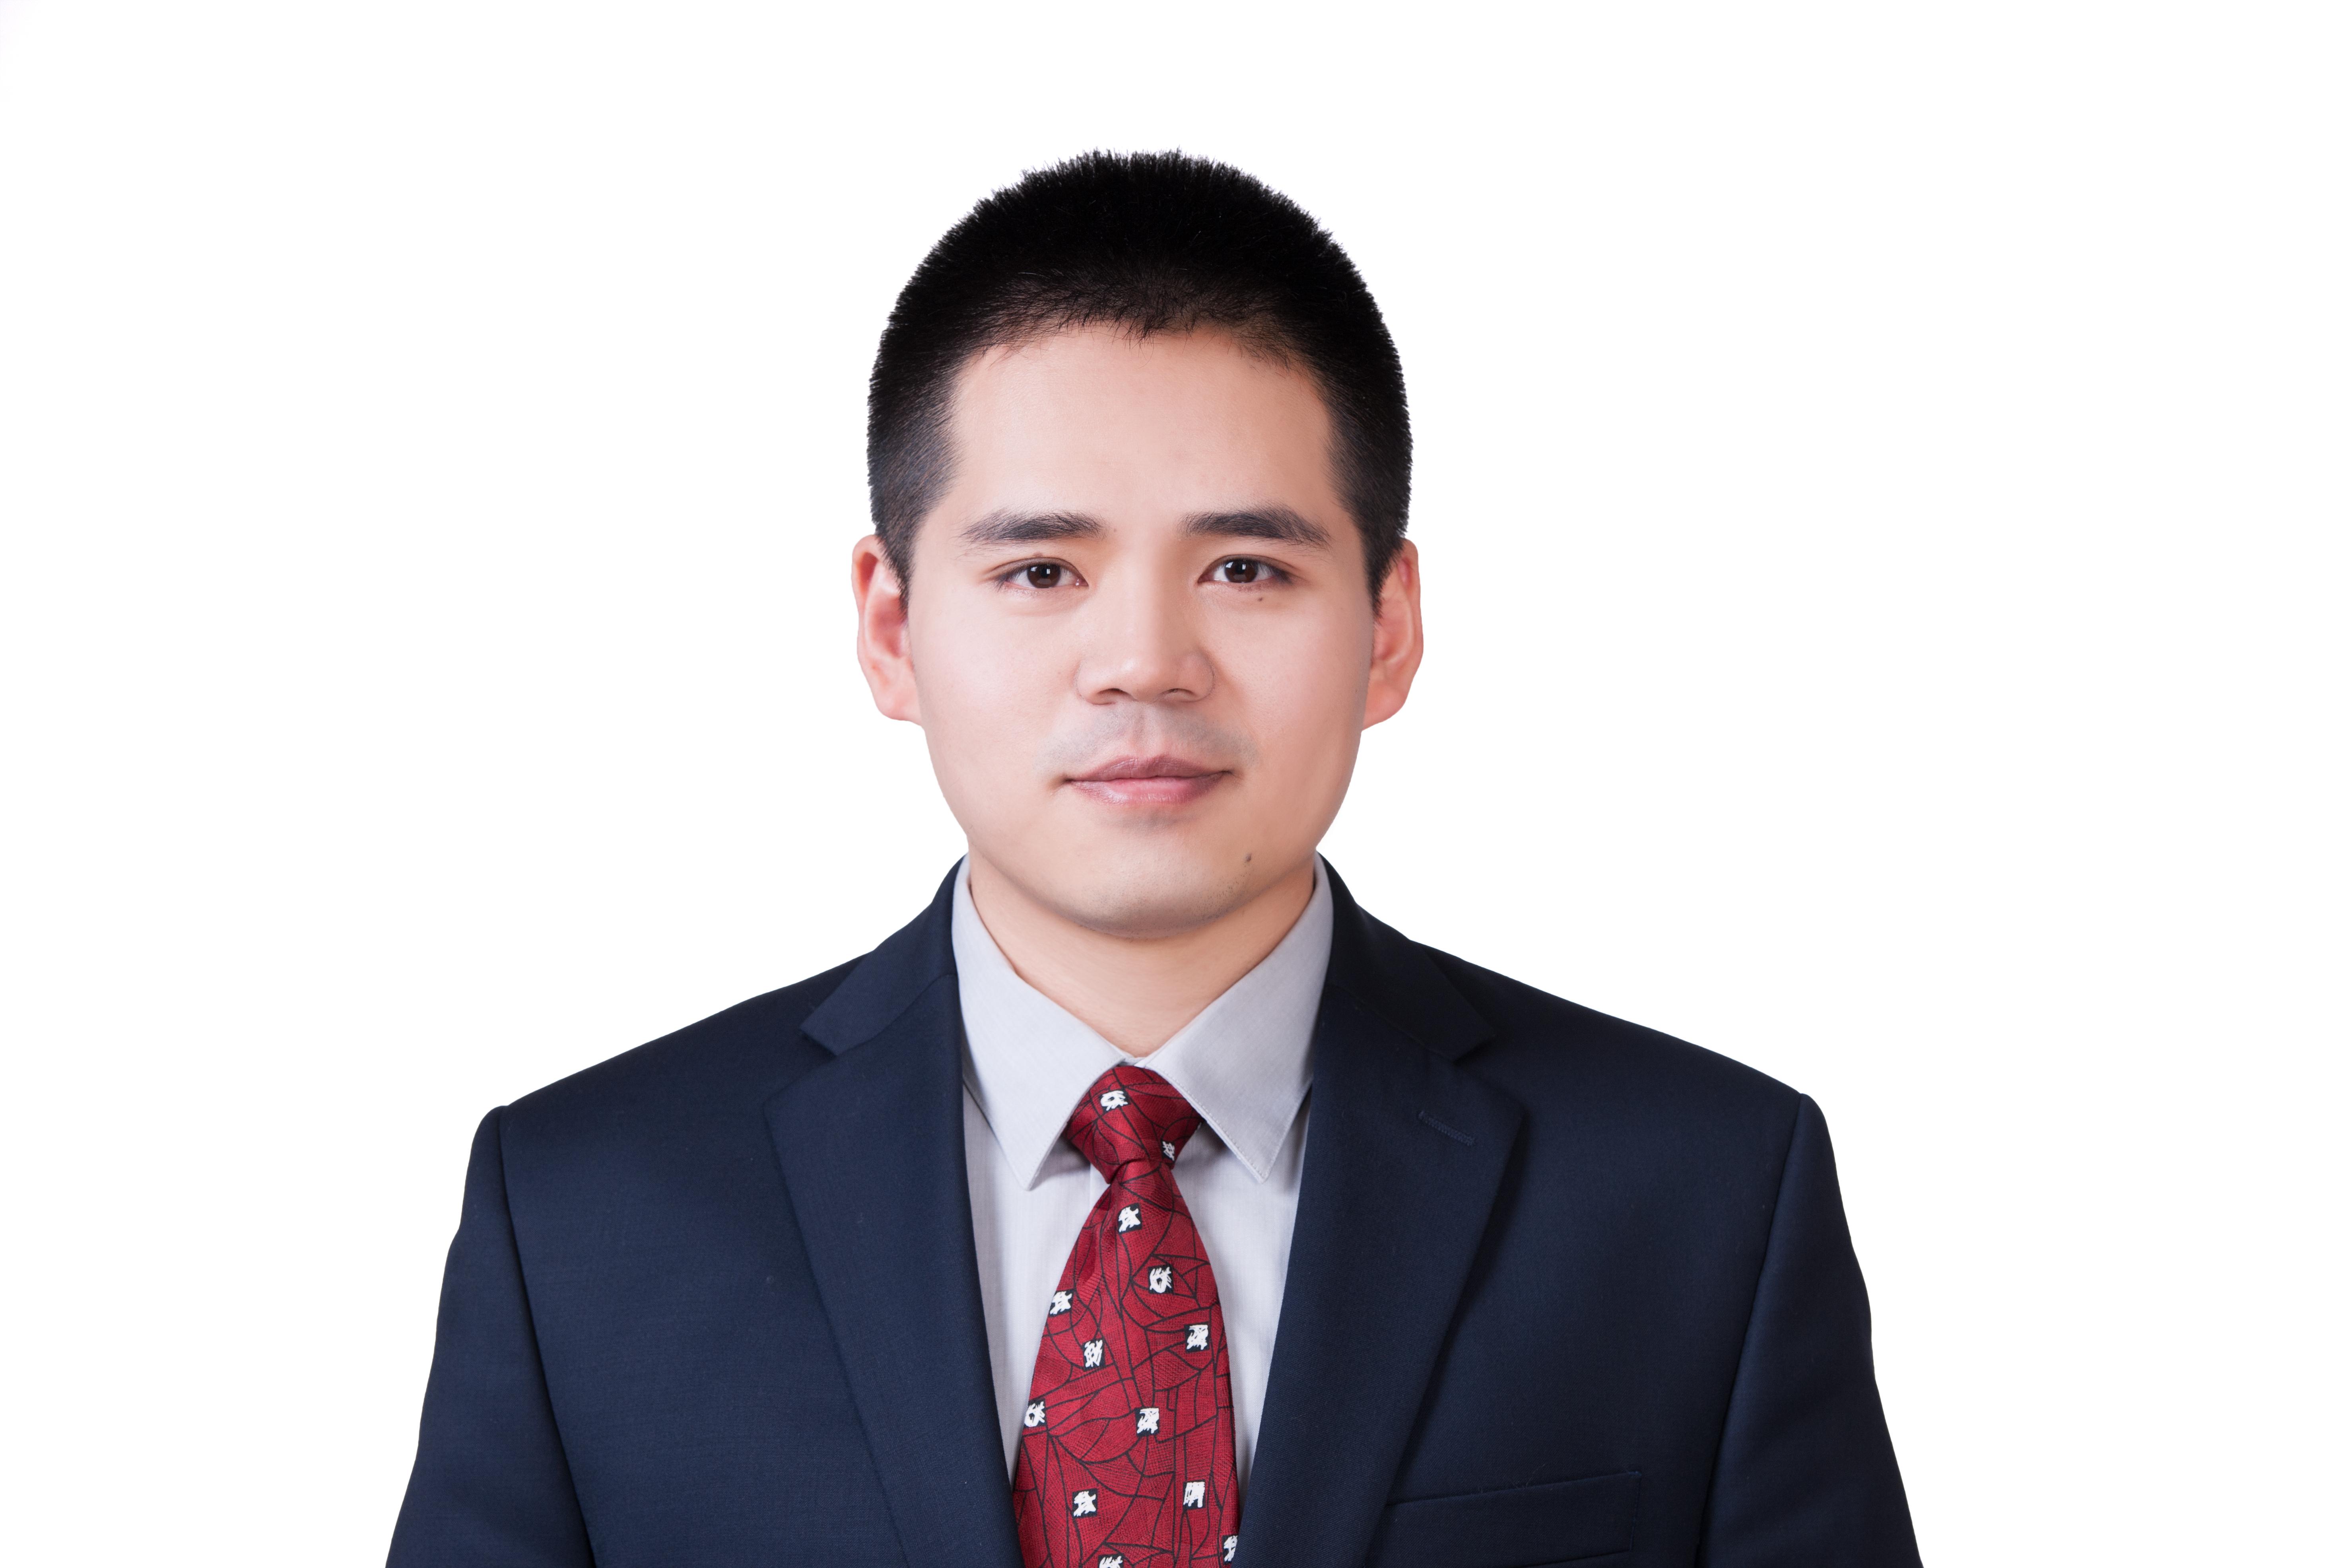 Portrait image for Zhengyang Liu.